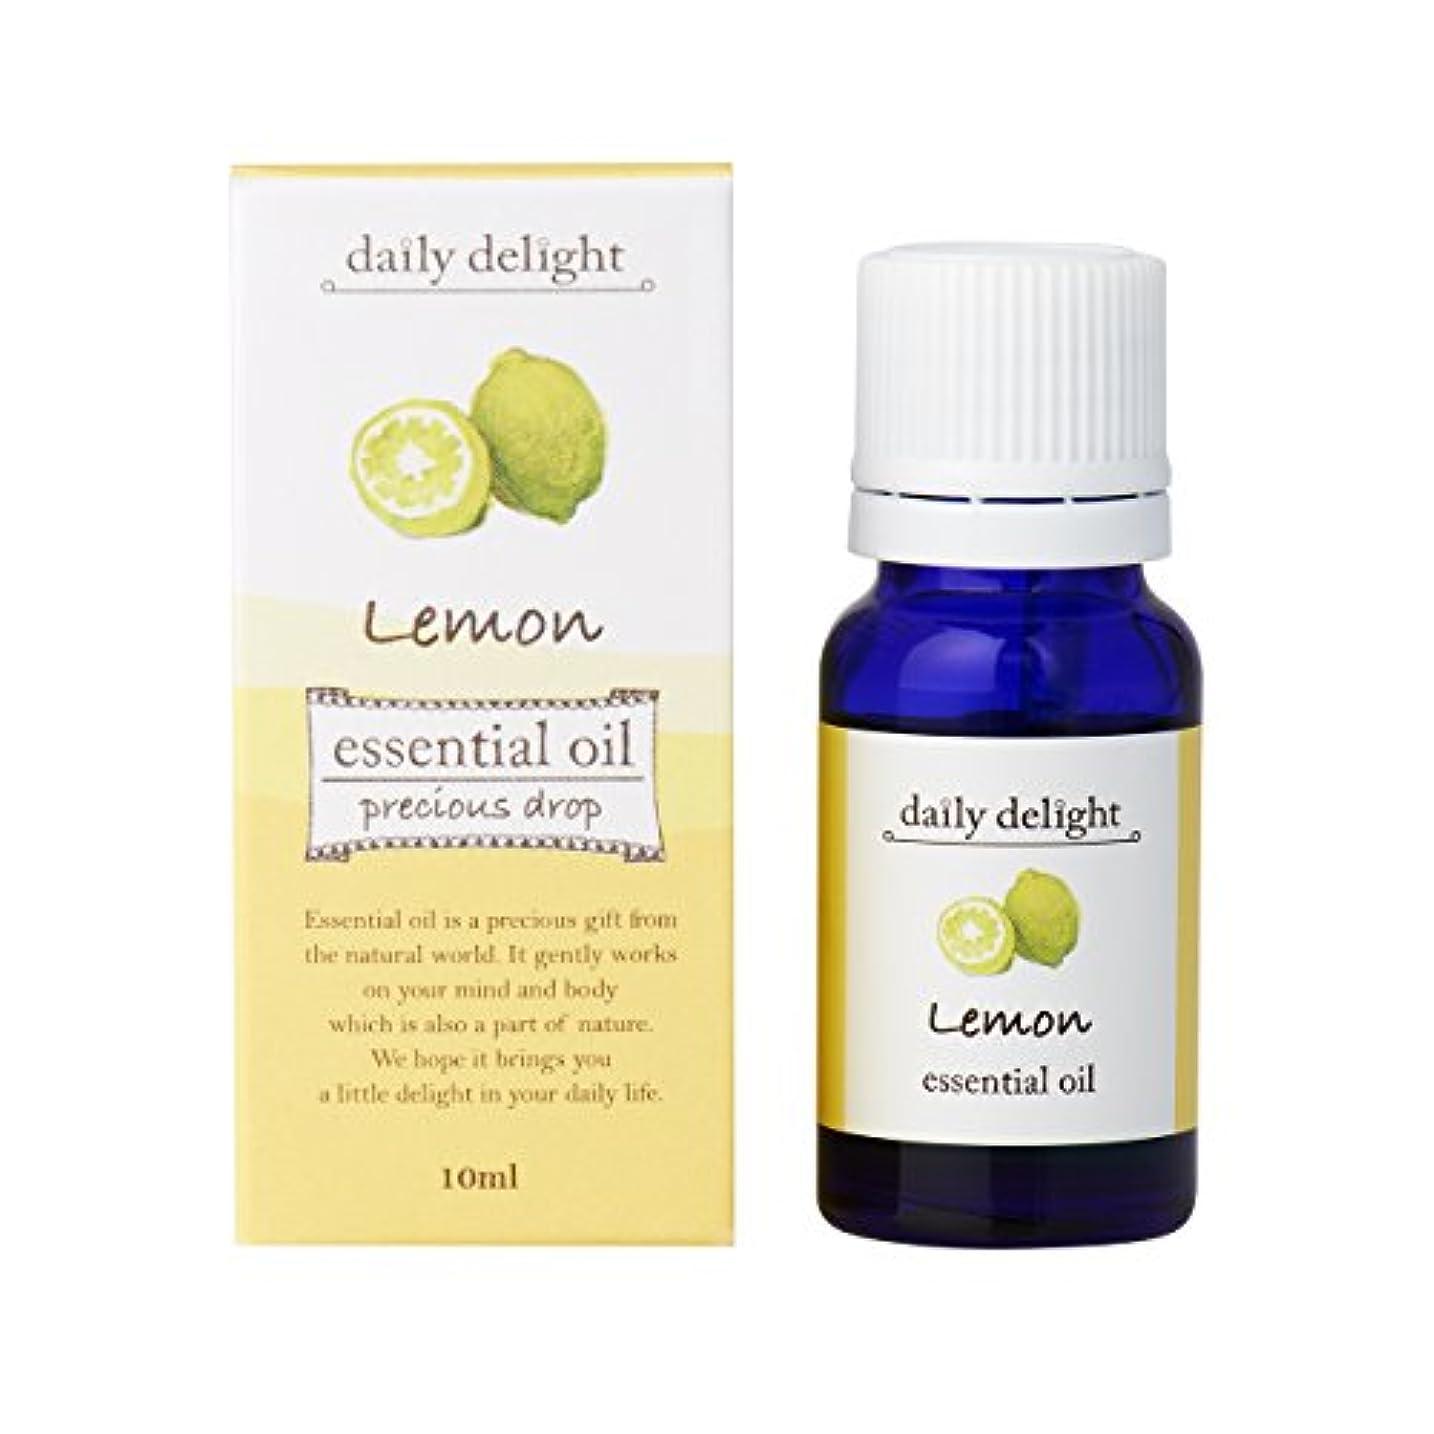 賄賂バーゲンオプションデイリーディライト エッセンシャルオイル  レモン 10ml(天然100% 精油 アロマ 柑橘系 さっぱりして気分転換におすすめの香り)